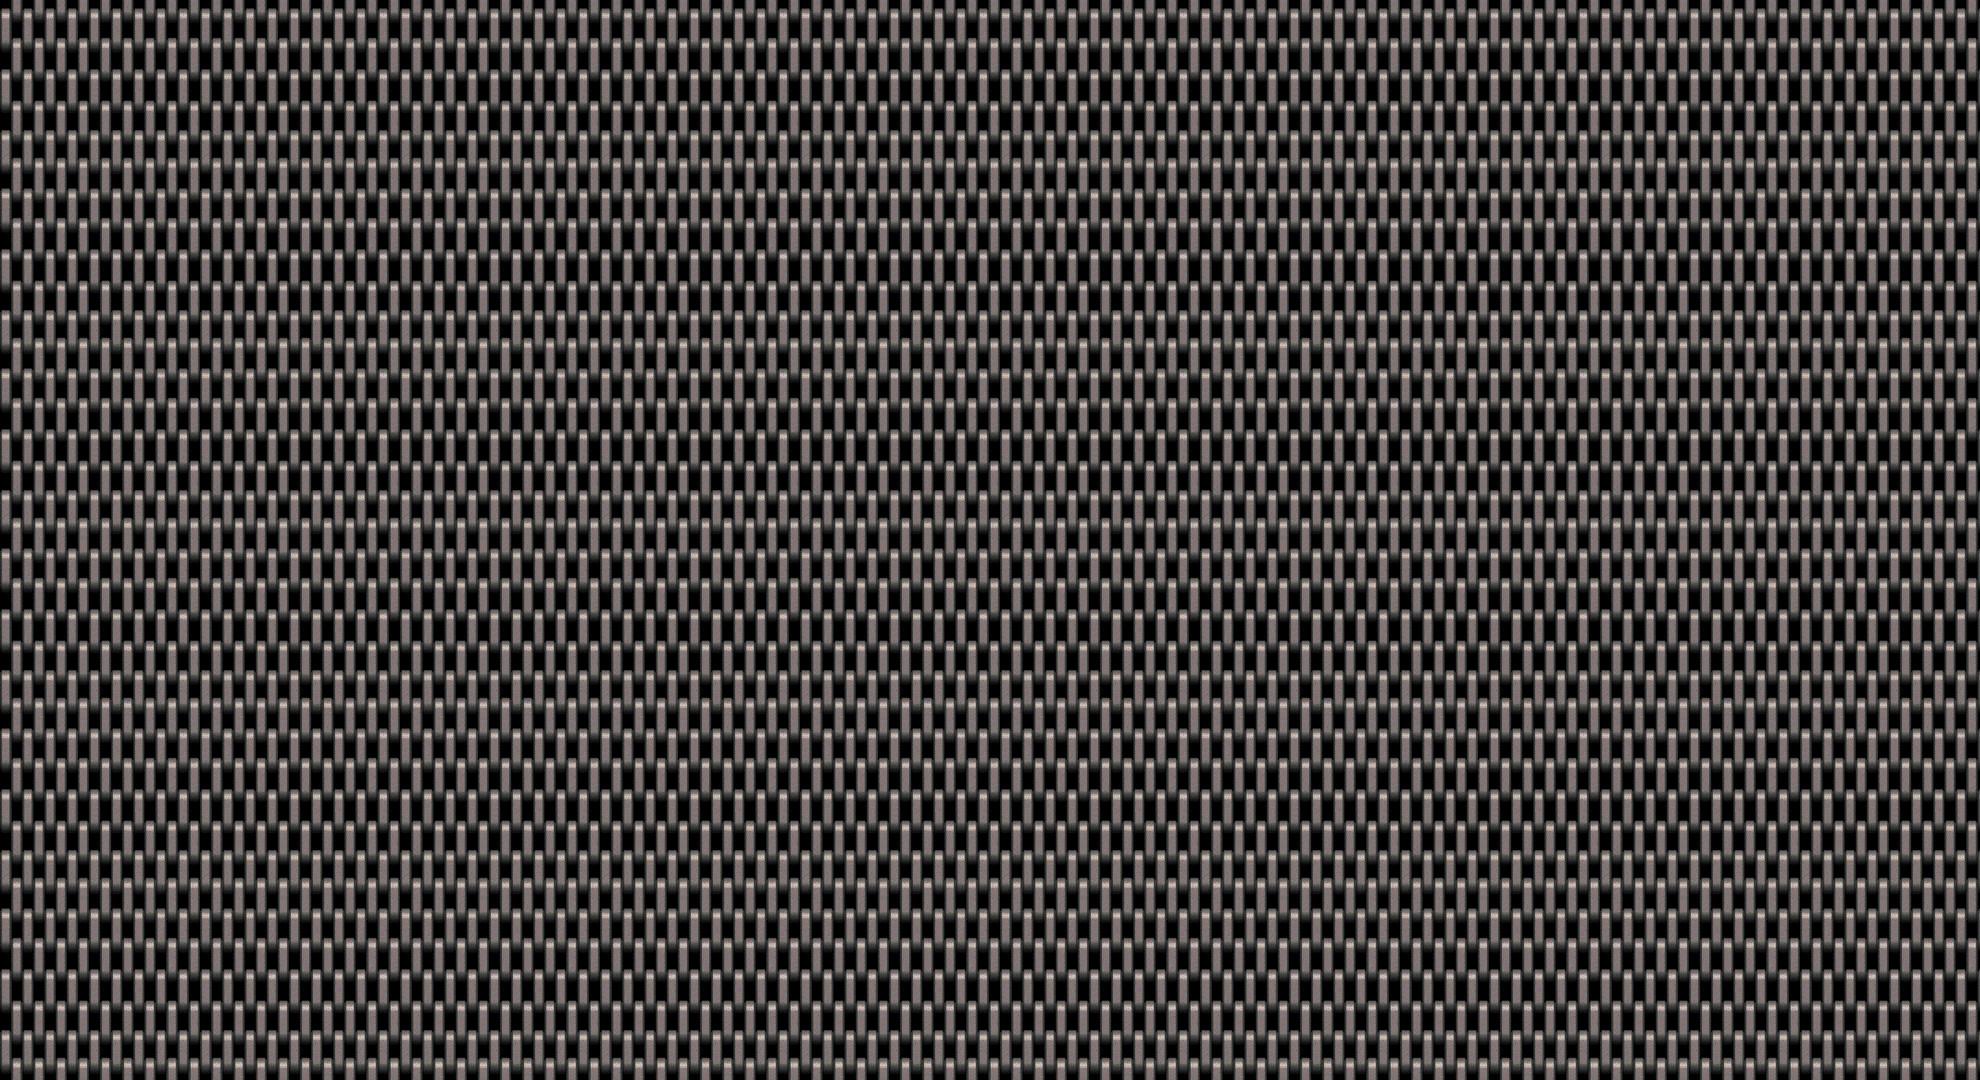 Res: 1980x1080, Black Wallpaper